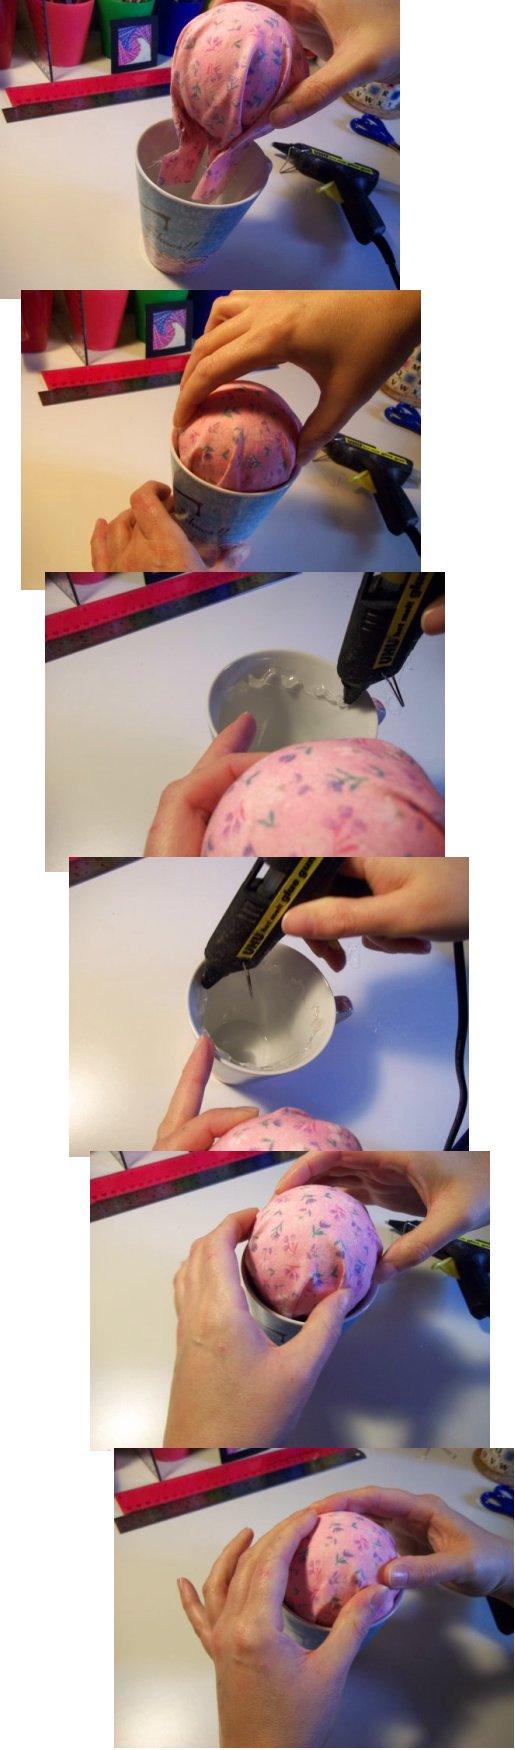 Вещи, чтобы сделать и делают - кружку подушечку для булавок